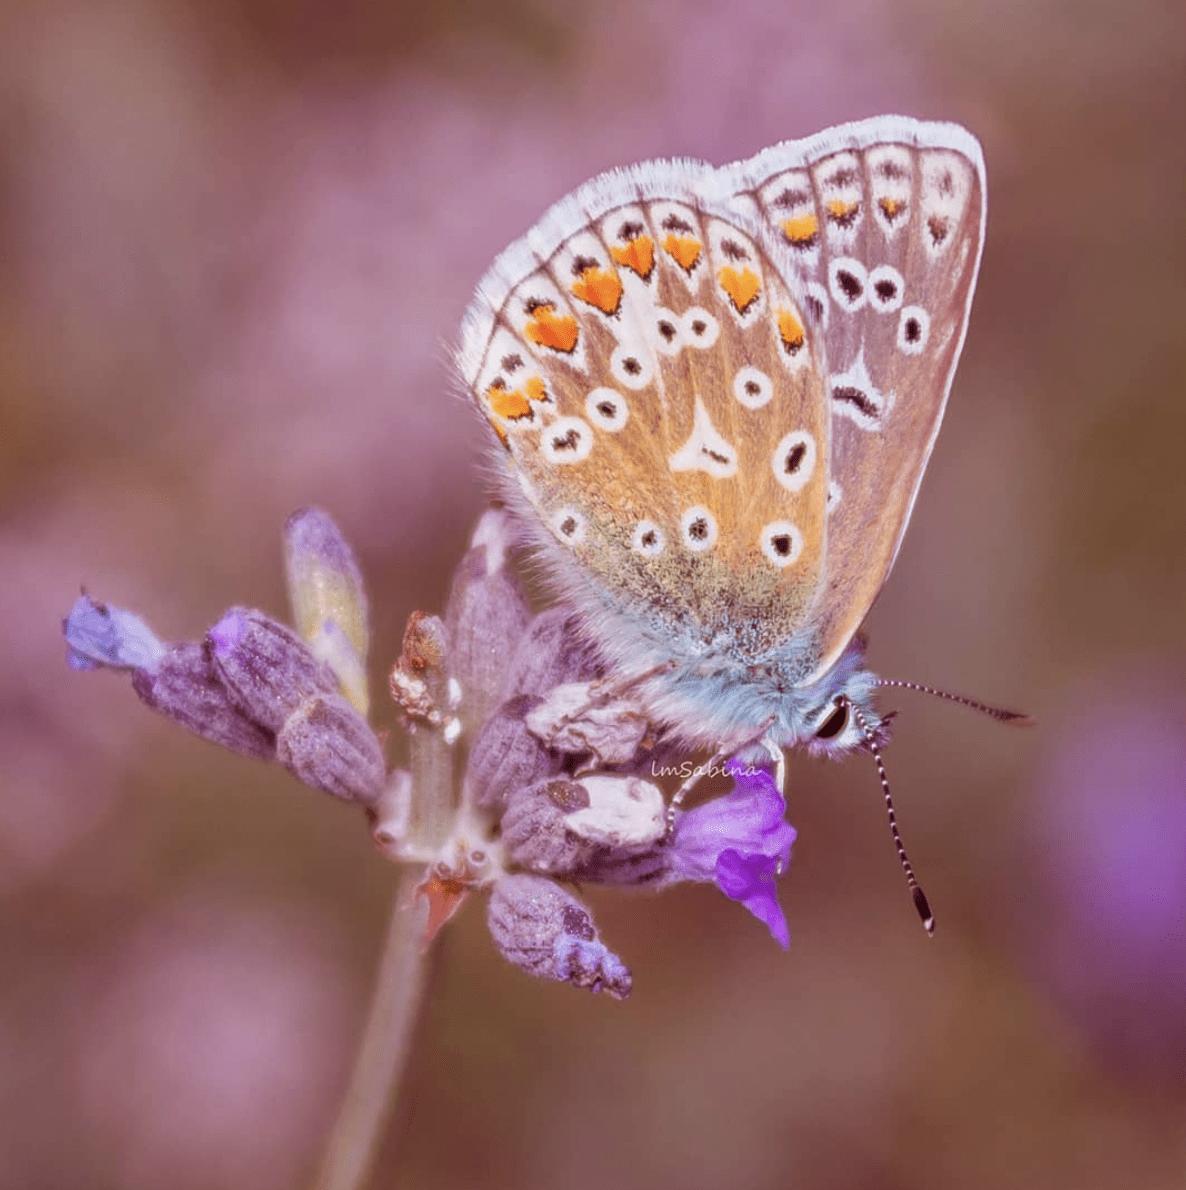 Mariposa sobre flor ganadora del fotoreto62 de naturaleza